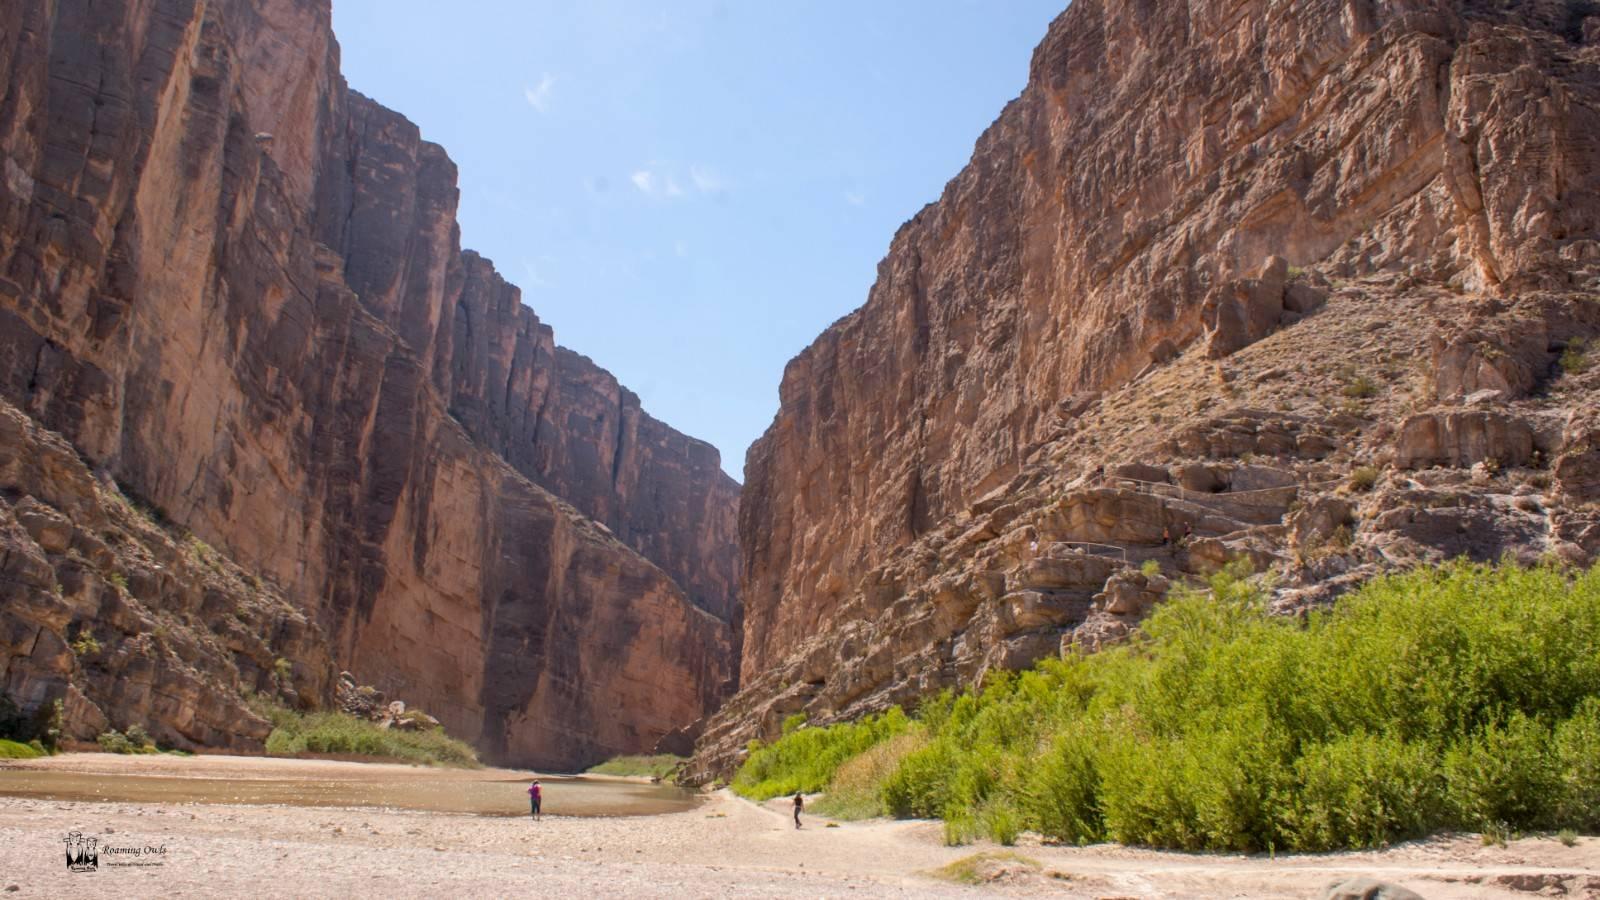 Canyon,big bend national park,hot sun,texas